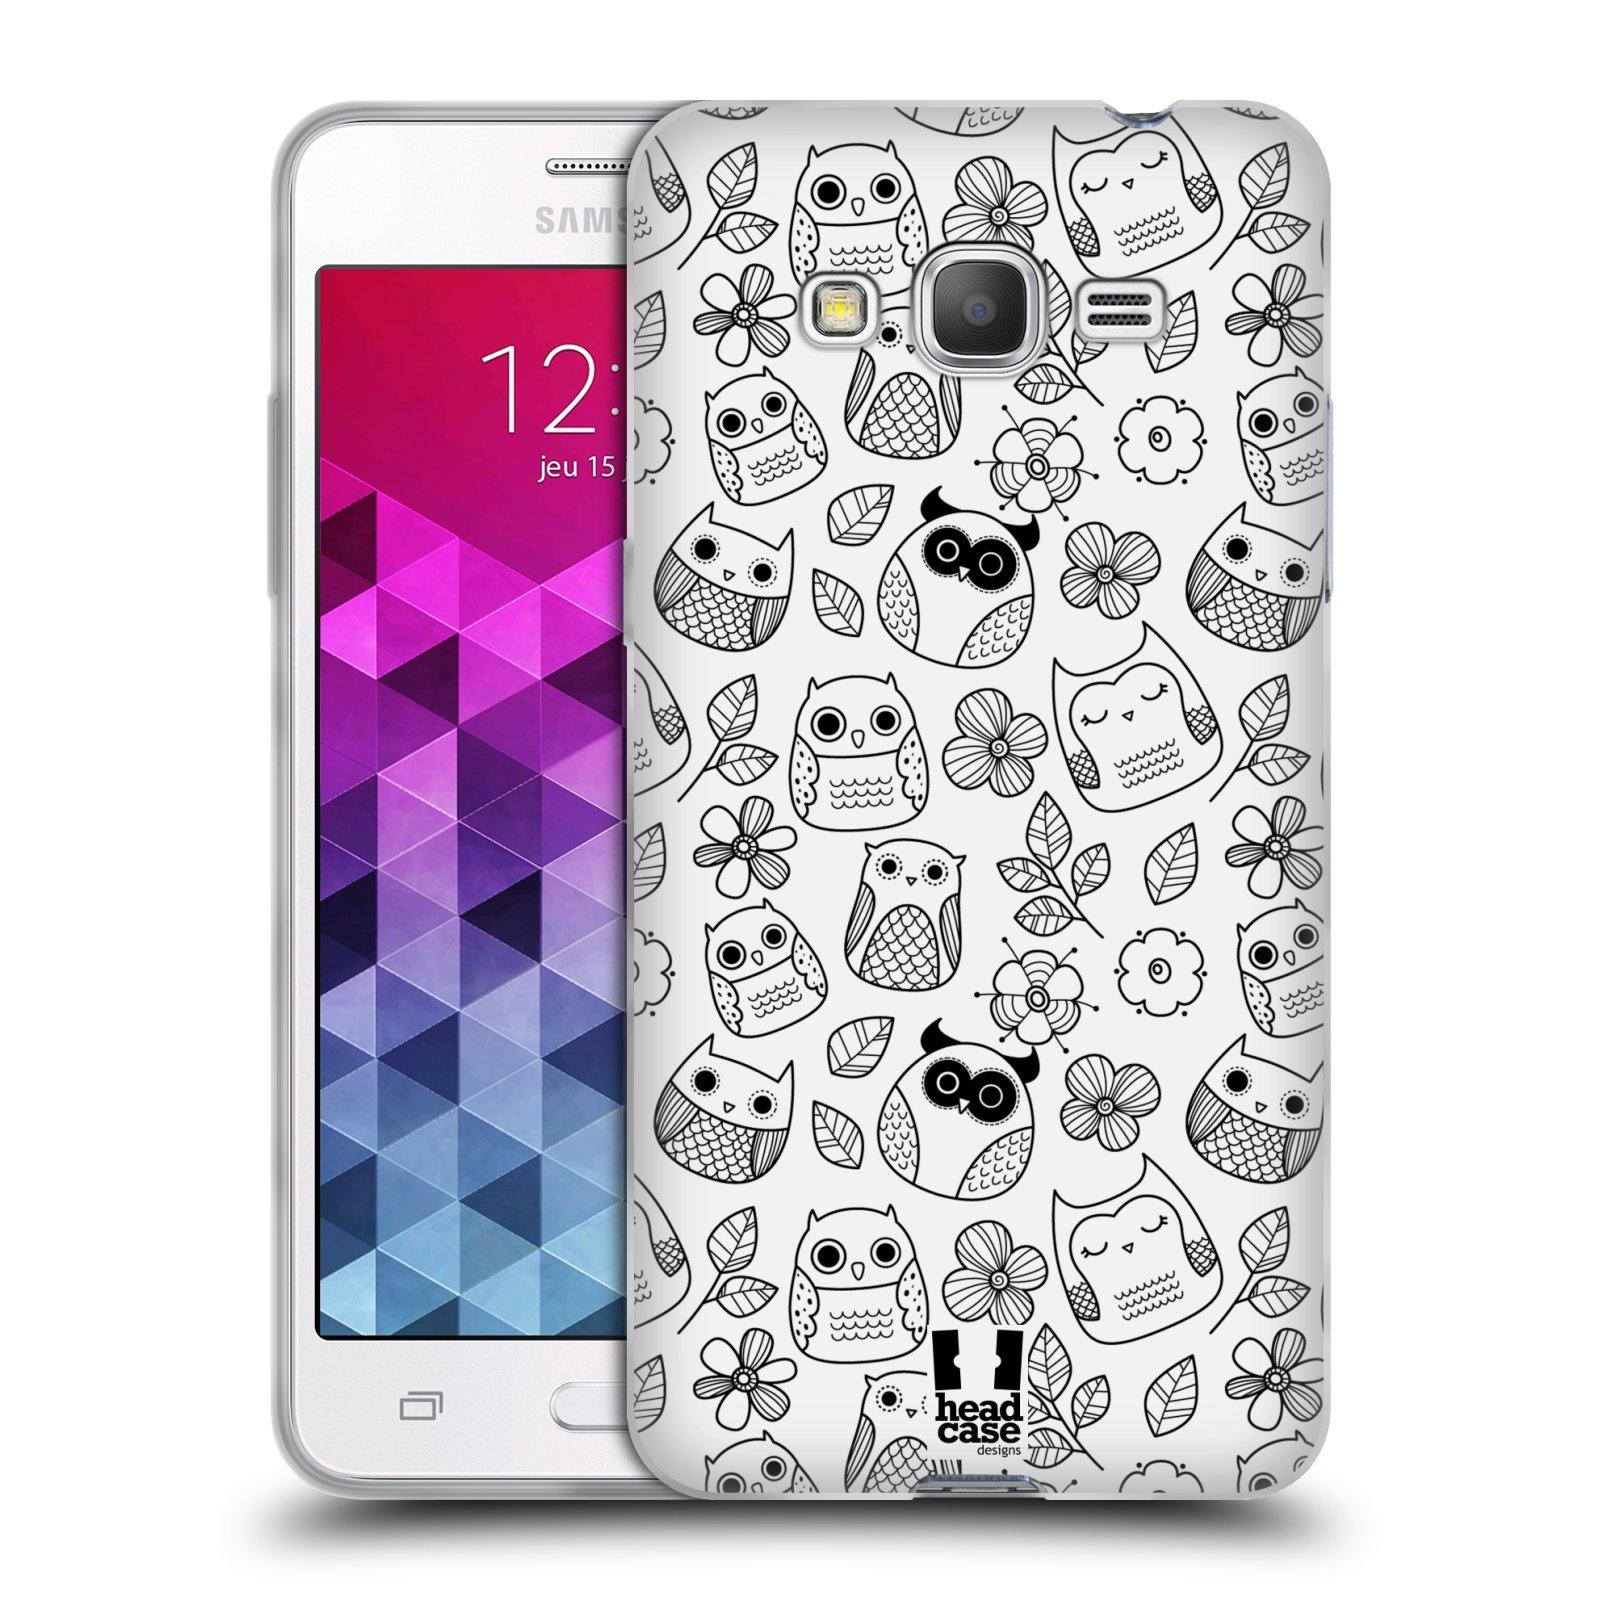 Silikonové pouzdro na mobil Samsung Galaxy Grand Prime HEAD CASE SOVIČKY A KYTIČKY